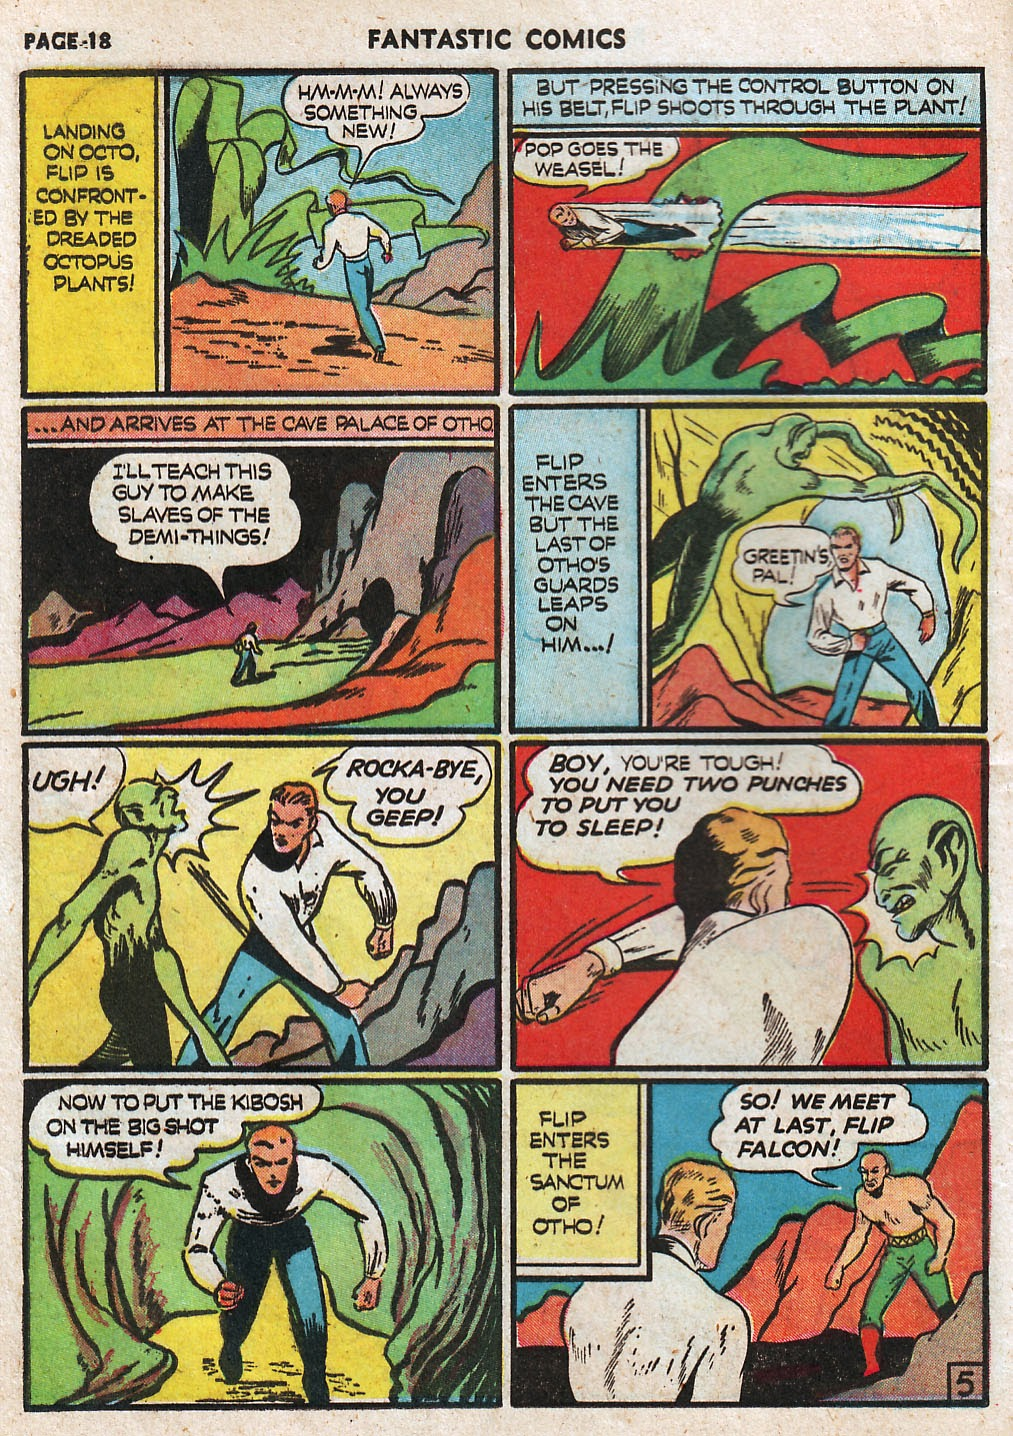 Read online Fantastic Comics comic -  Issue #17 - 20